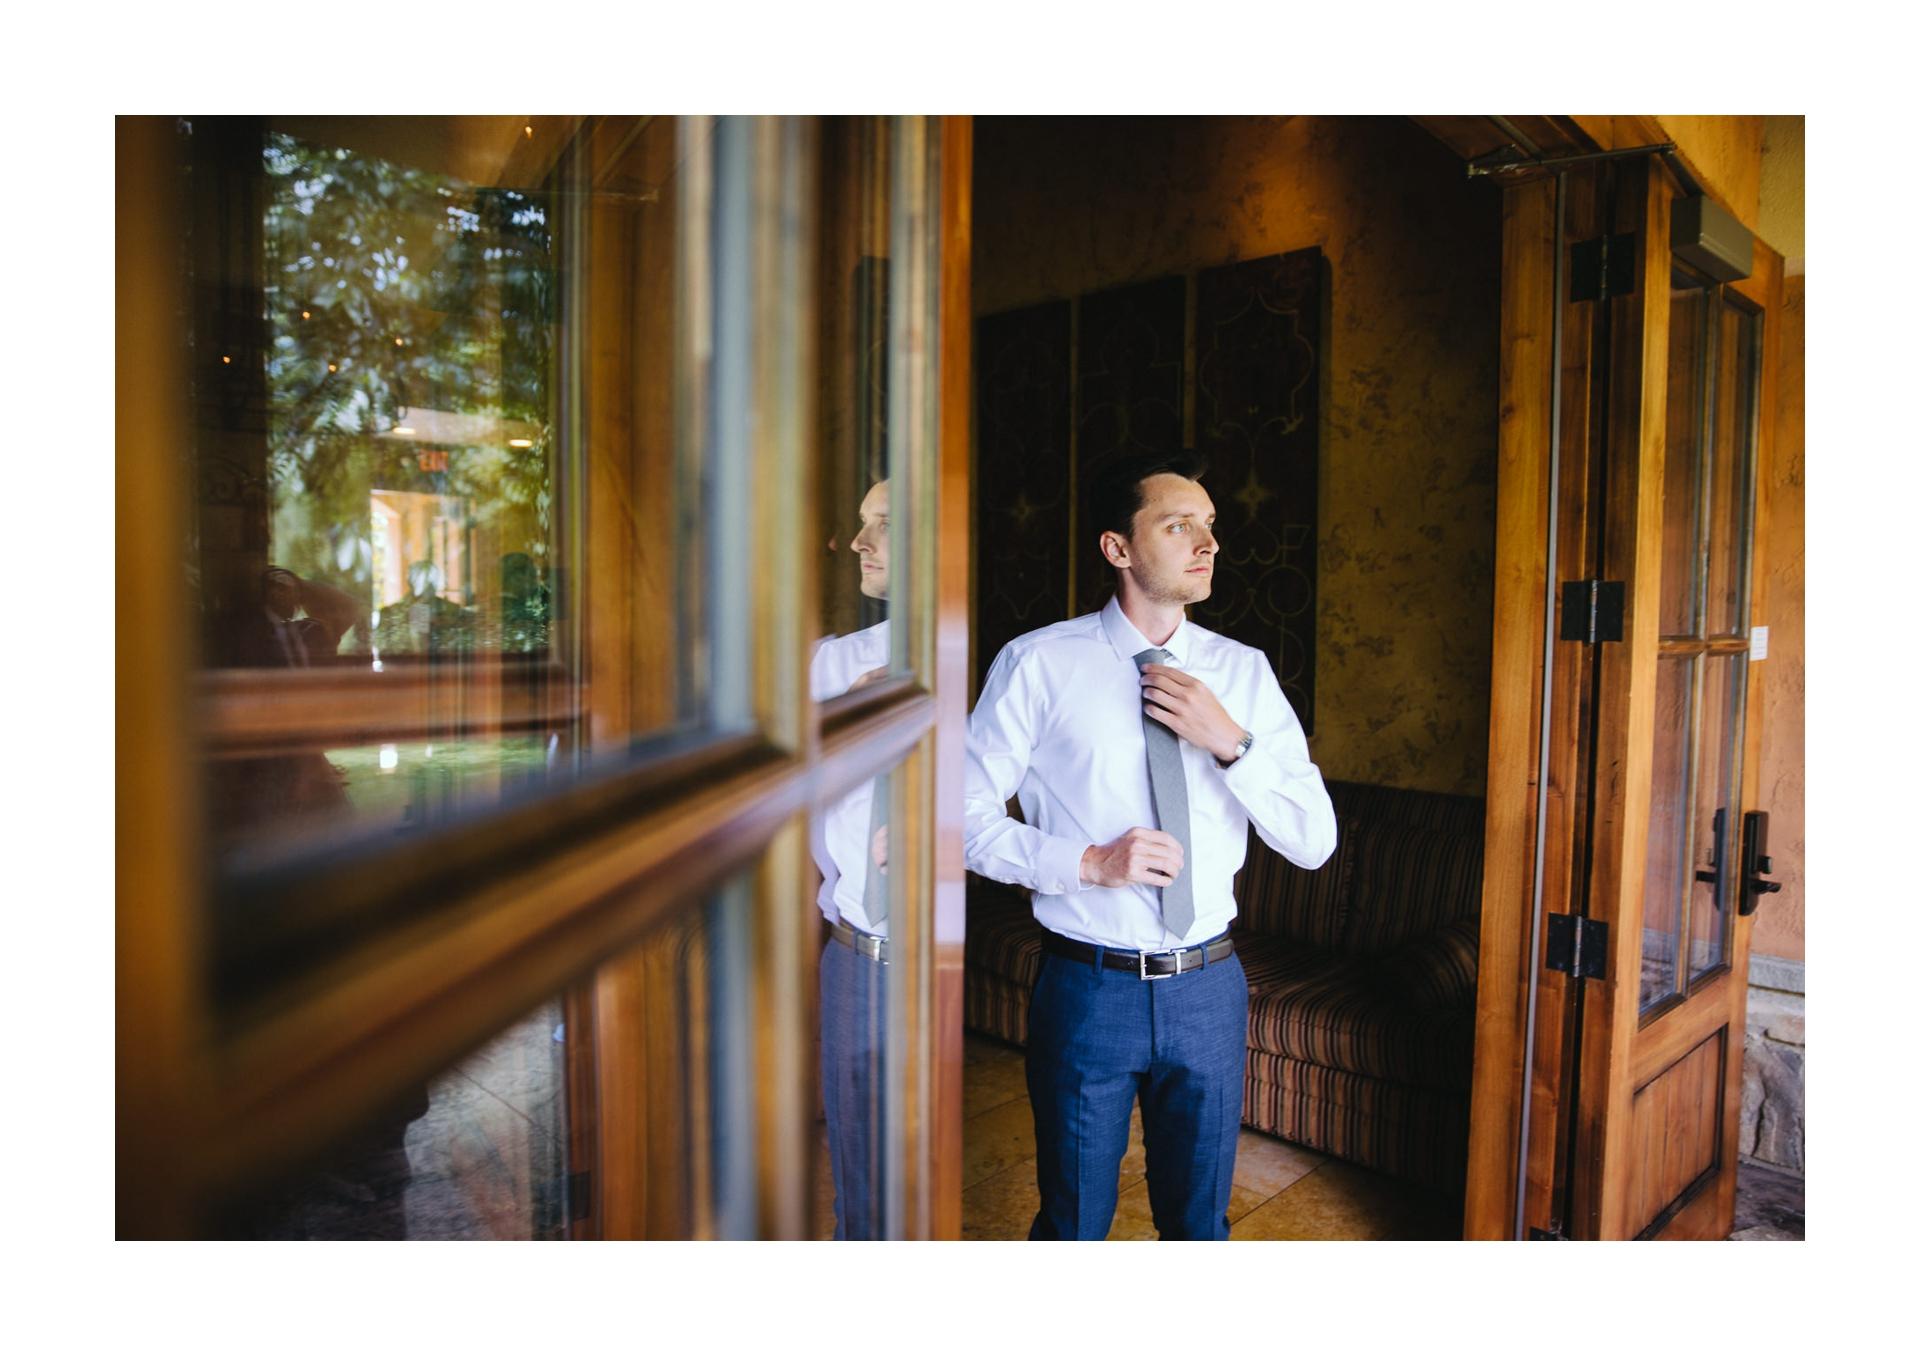 Gervasi Wedding Photographer in Canton Ohio 3.jpg